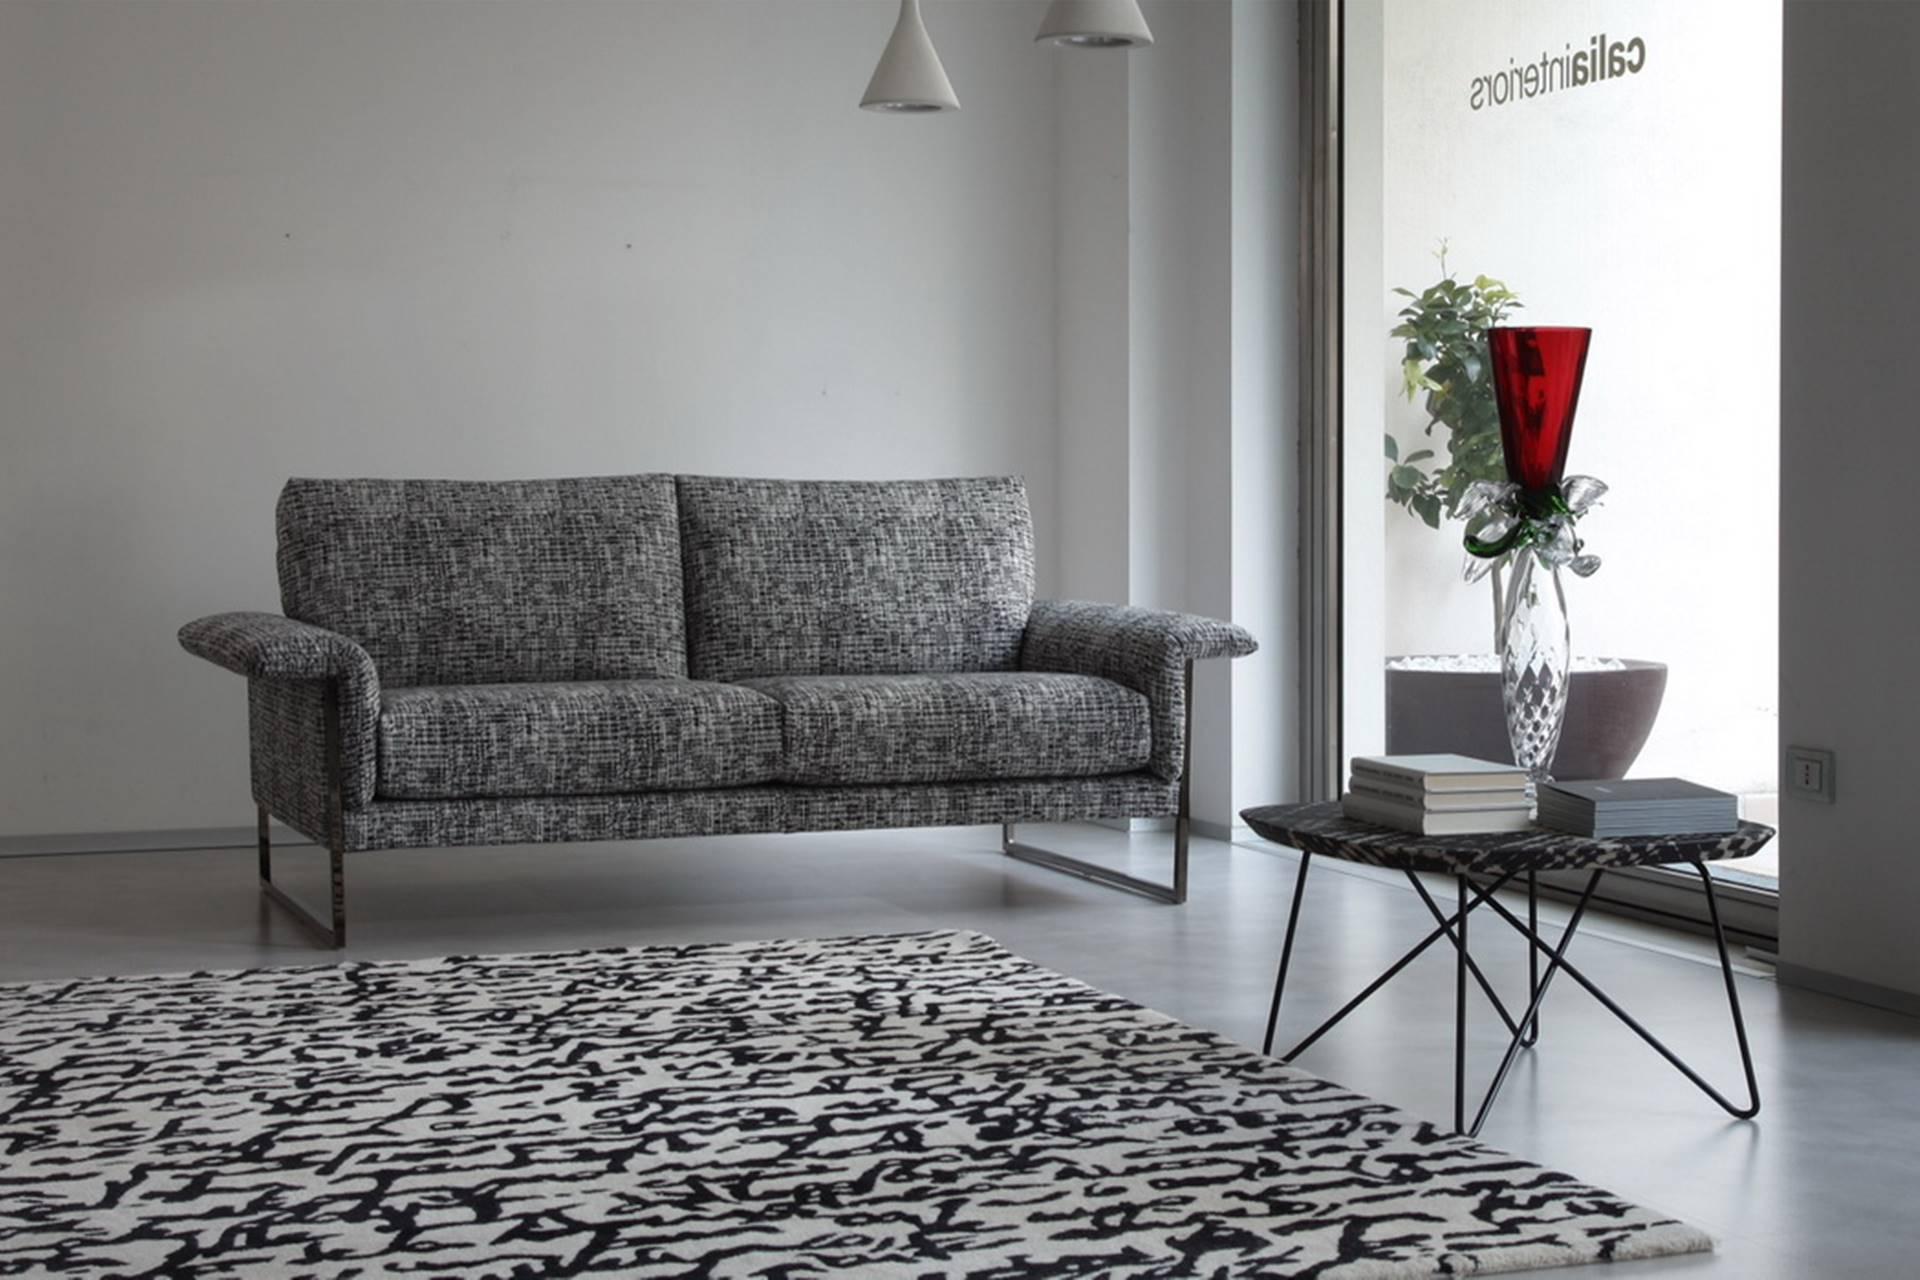 canap contemporain lignes pur es sans t ti re story. Black Bedroom Furniture Sets. Home Design Ideas